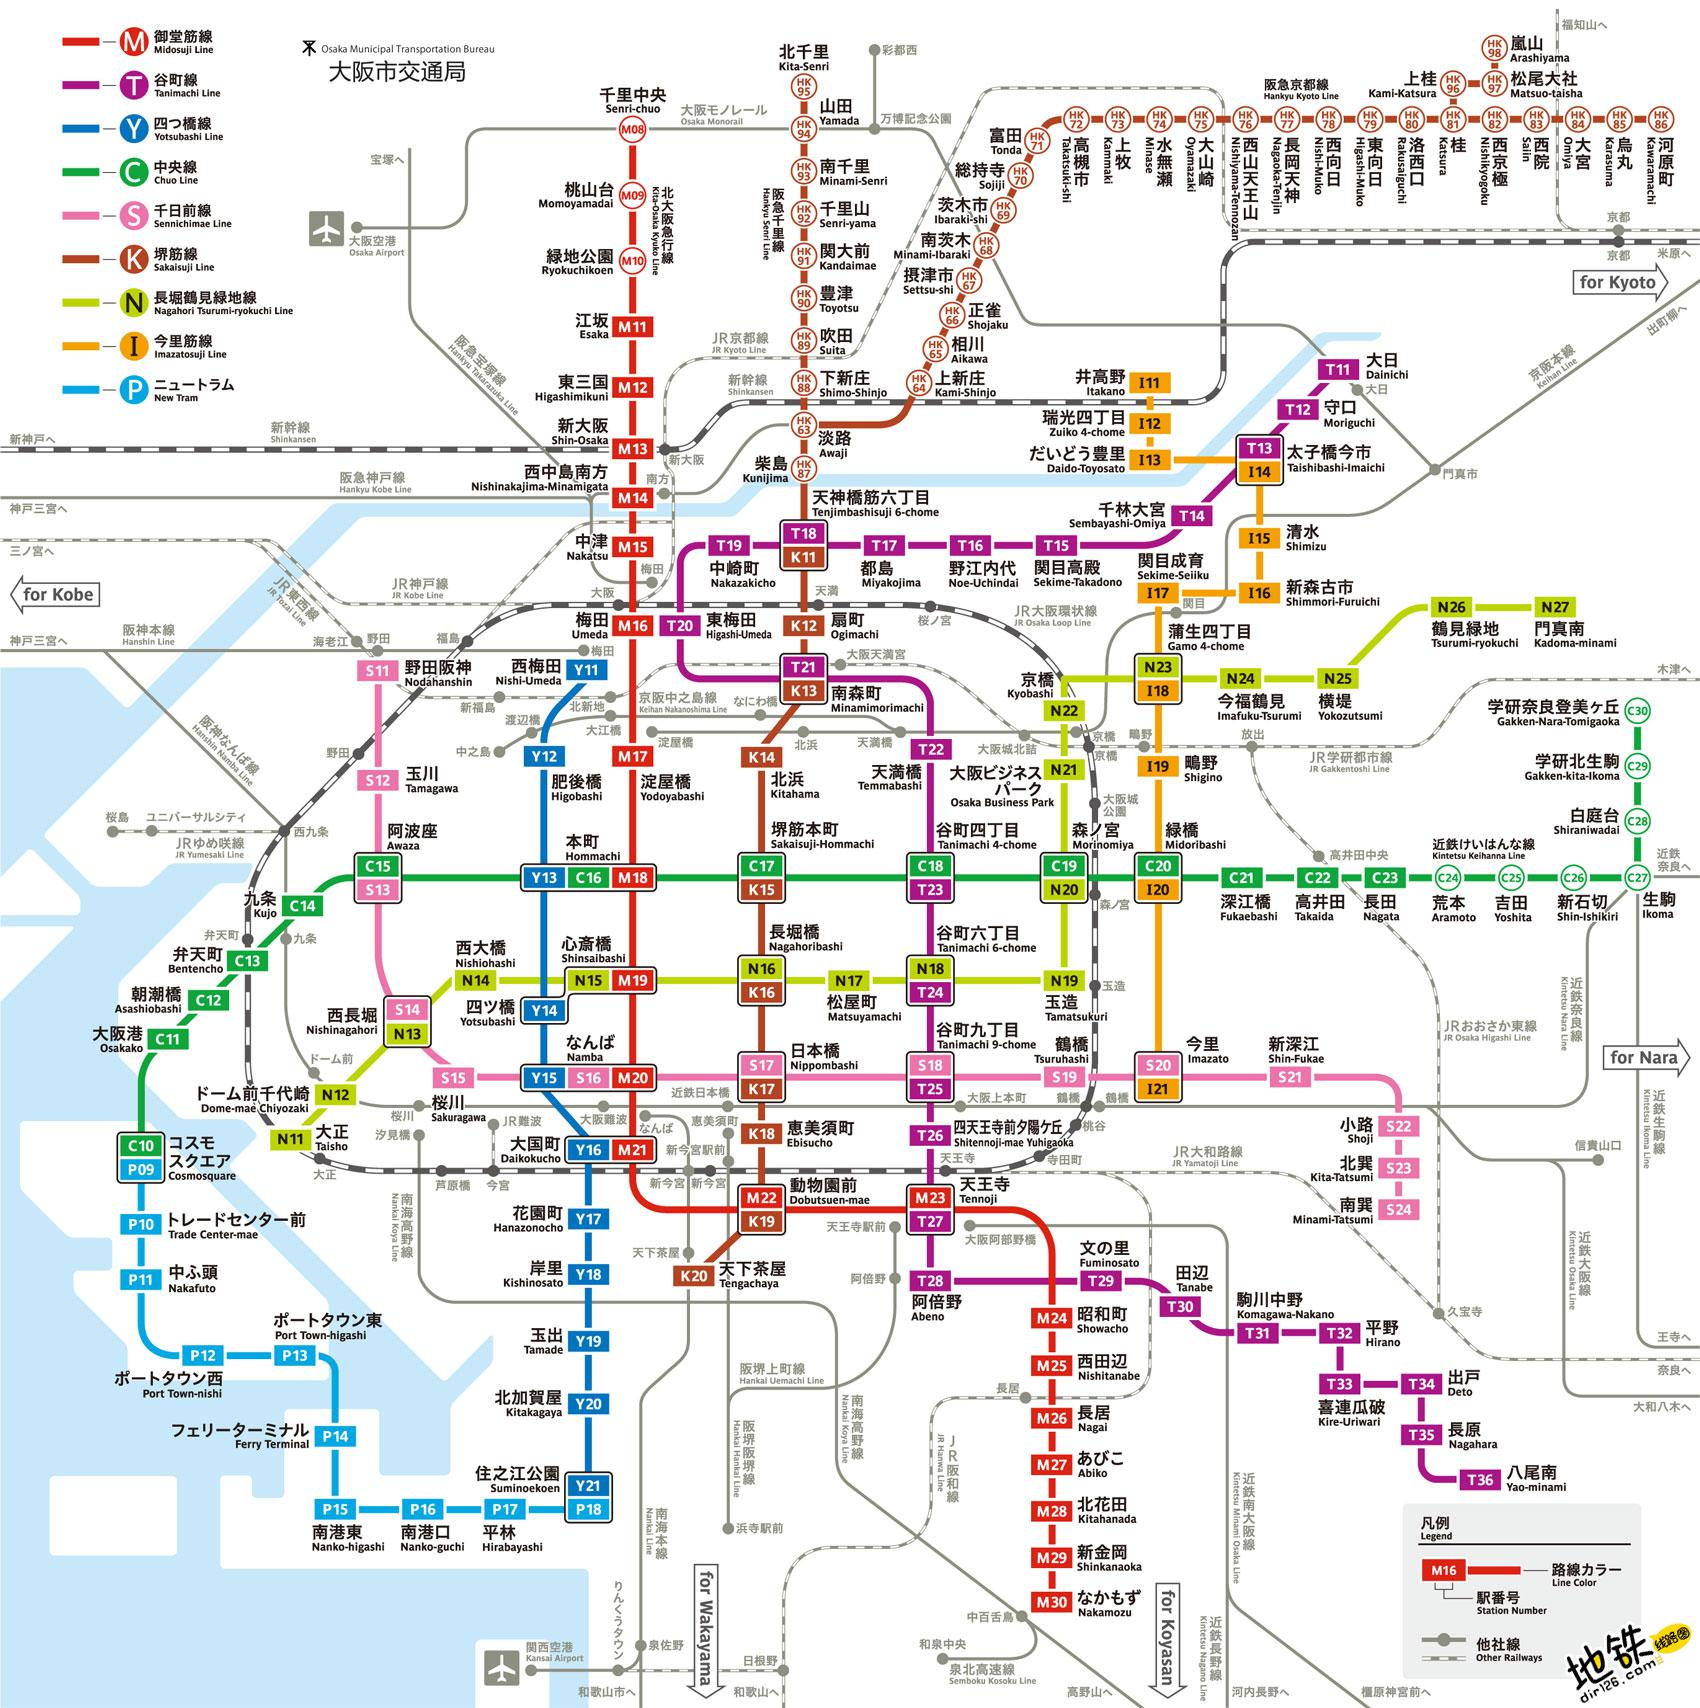 日本大阪市营地铁线路图 运营时间票价站点 查询下载 大阪地铁票价 大阪地铁运营时间 大阪地铁线路图 日本大阪市营地下铁 日本大阪市营地铁 日本地铁线路图  第2张